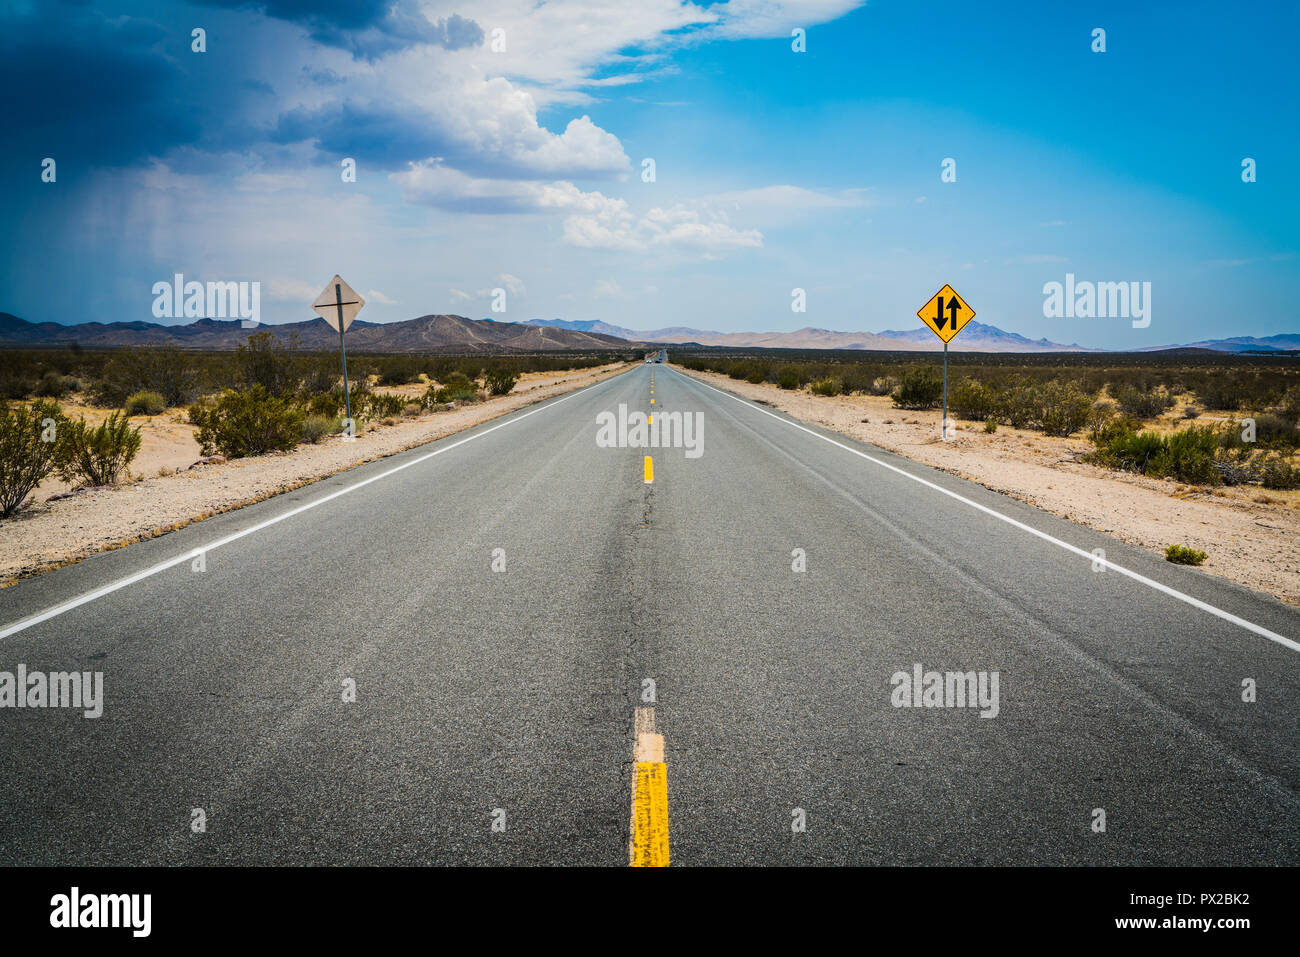 El camino abierto Foto de stock